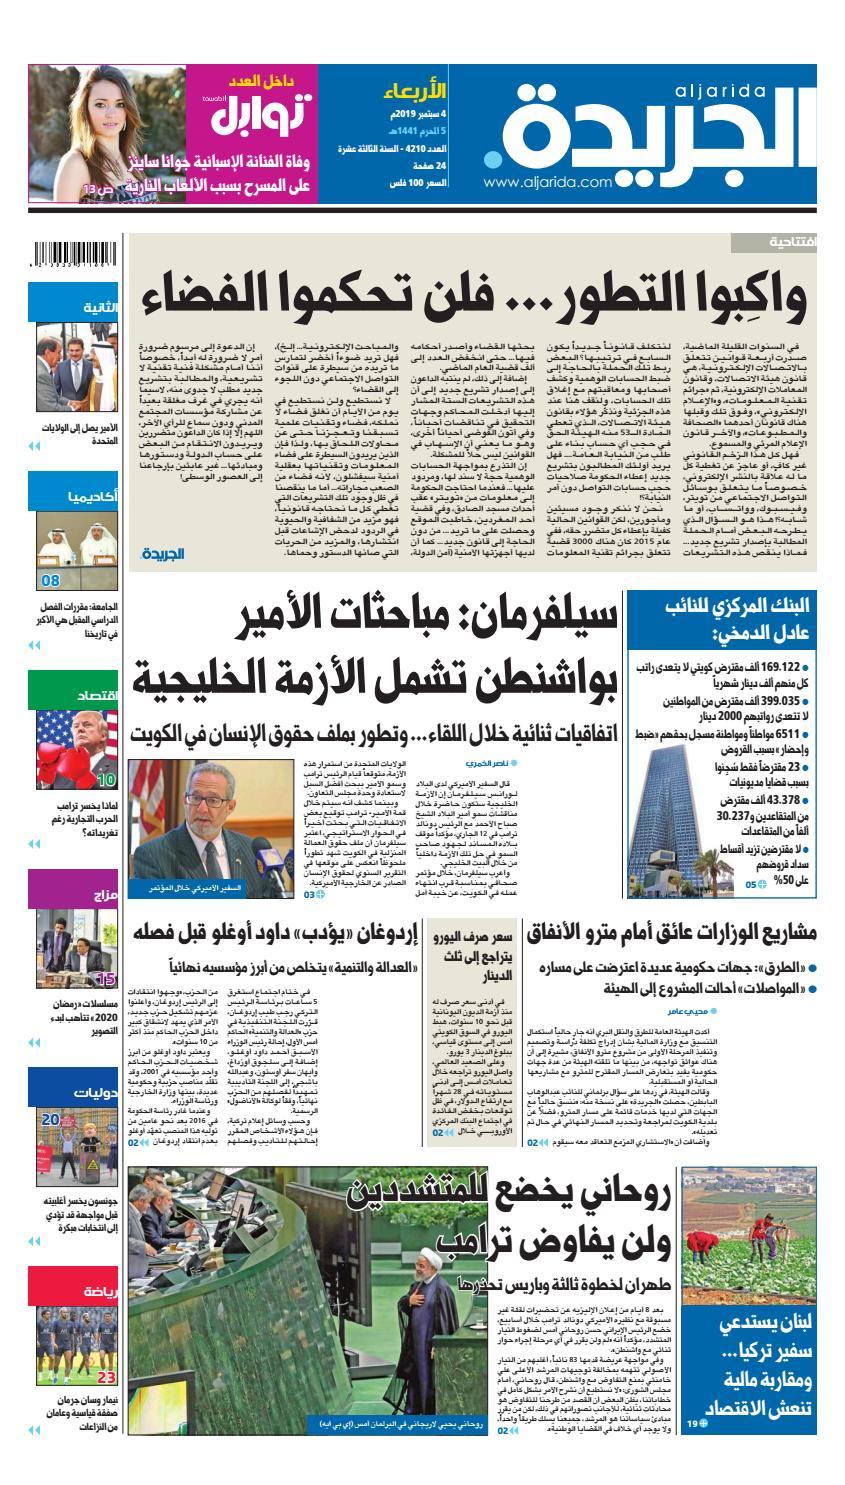 عدد الجريدة الاربعاء 04 سبتمبر 2019 By Aljarida Newspaper